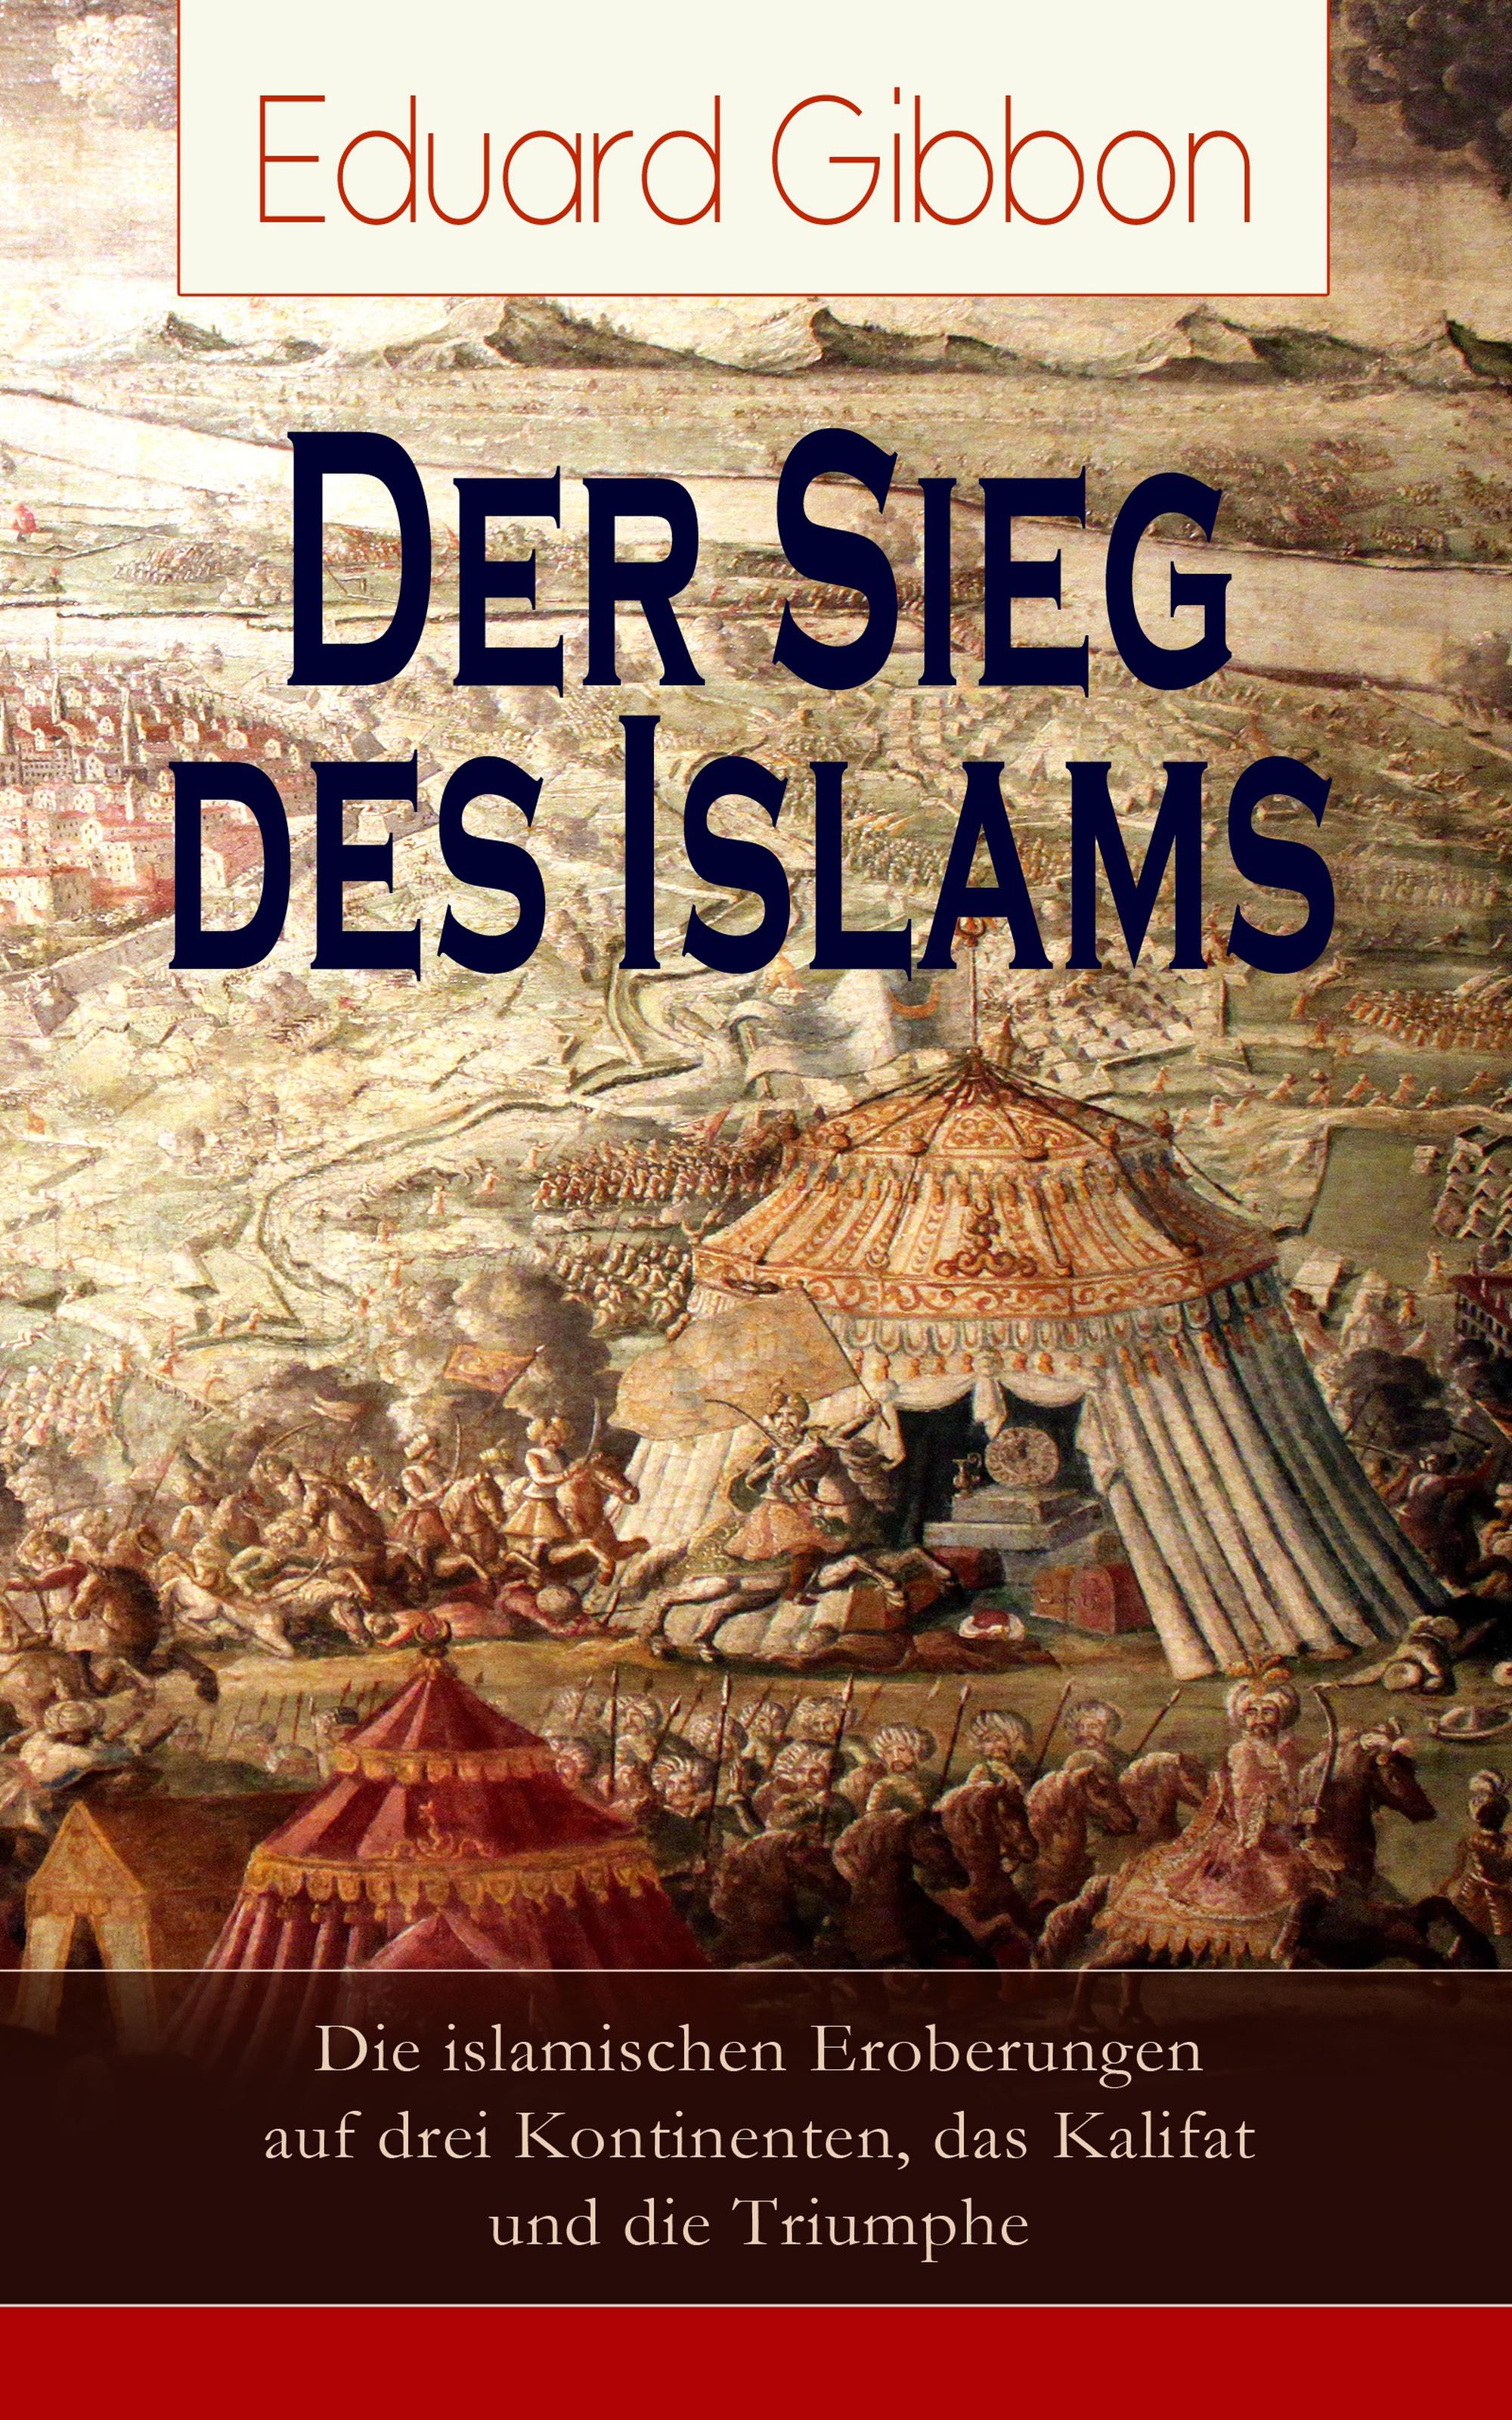 Eduard Gibbon Der Sieg des Islams - Die islamischen Eroberungen auf drei Kontinenten, das Kalifat und die Triumphe salomon jadassohn lehrbuch des einfachen doppelten drei und vierfachen contrapunkts